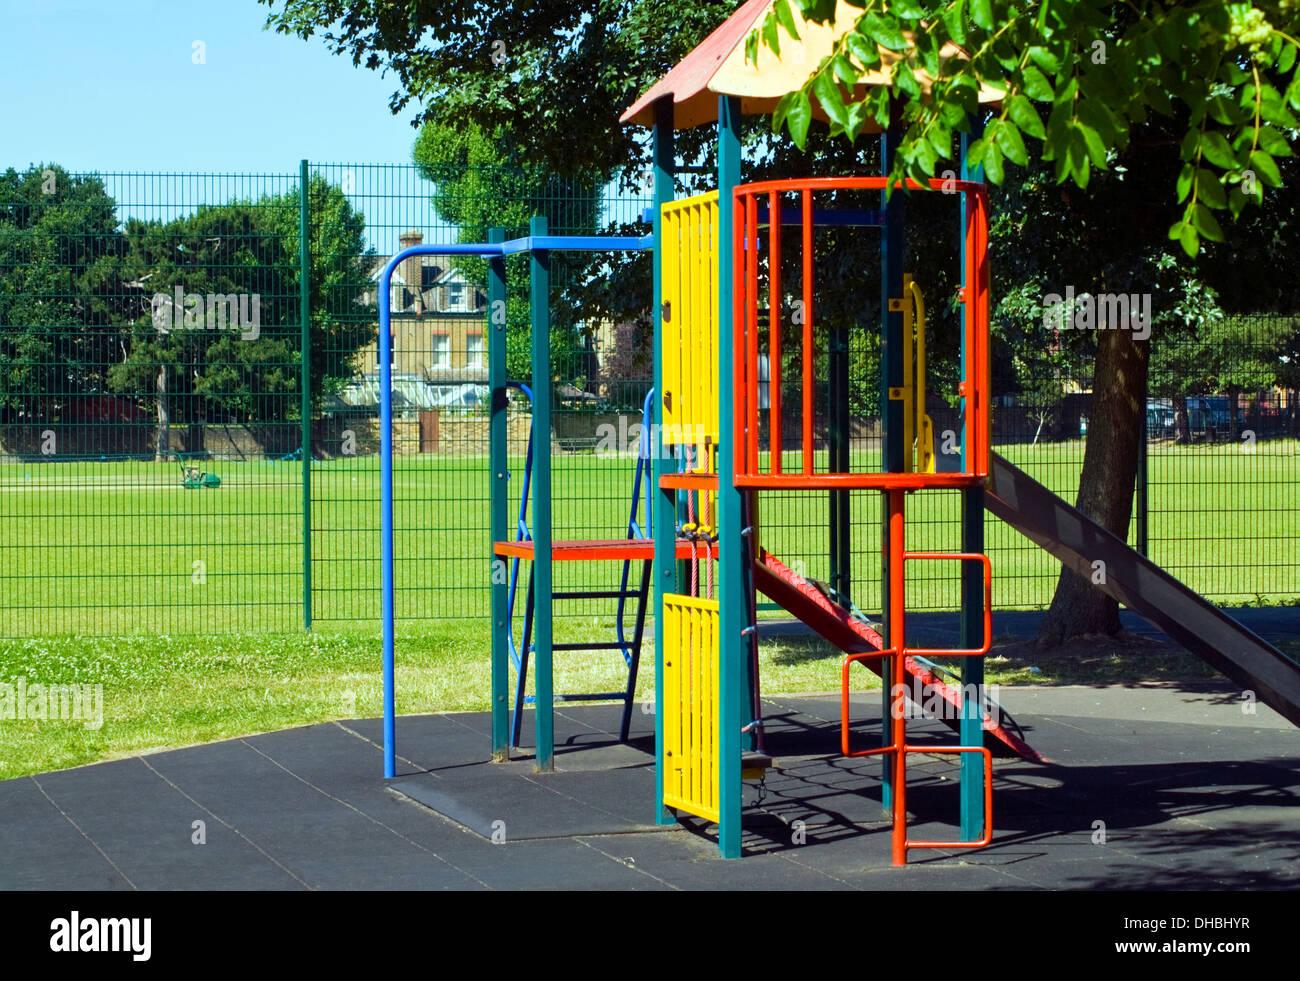 Klettergerüst English : Klettergerüst für kinder spielplatz stockfoto bild  alamy